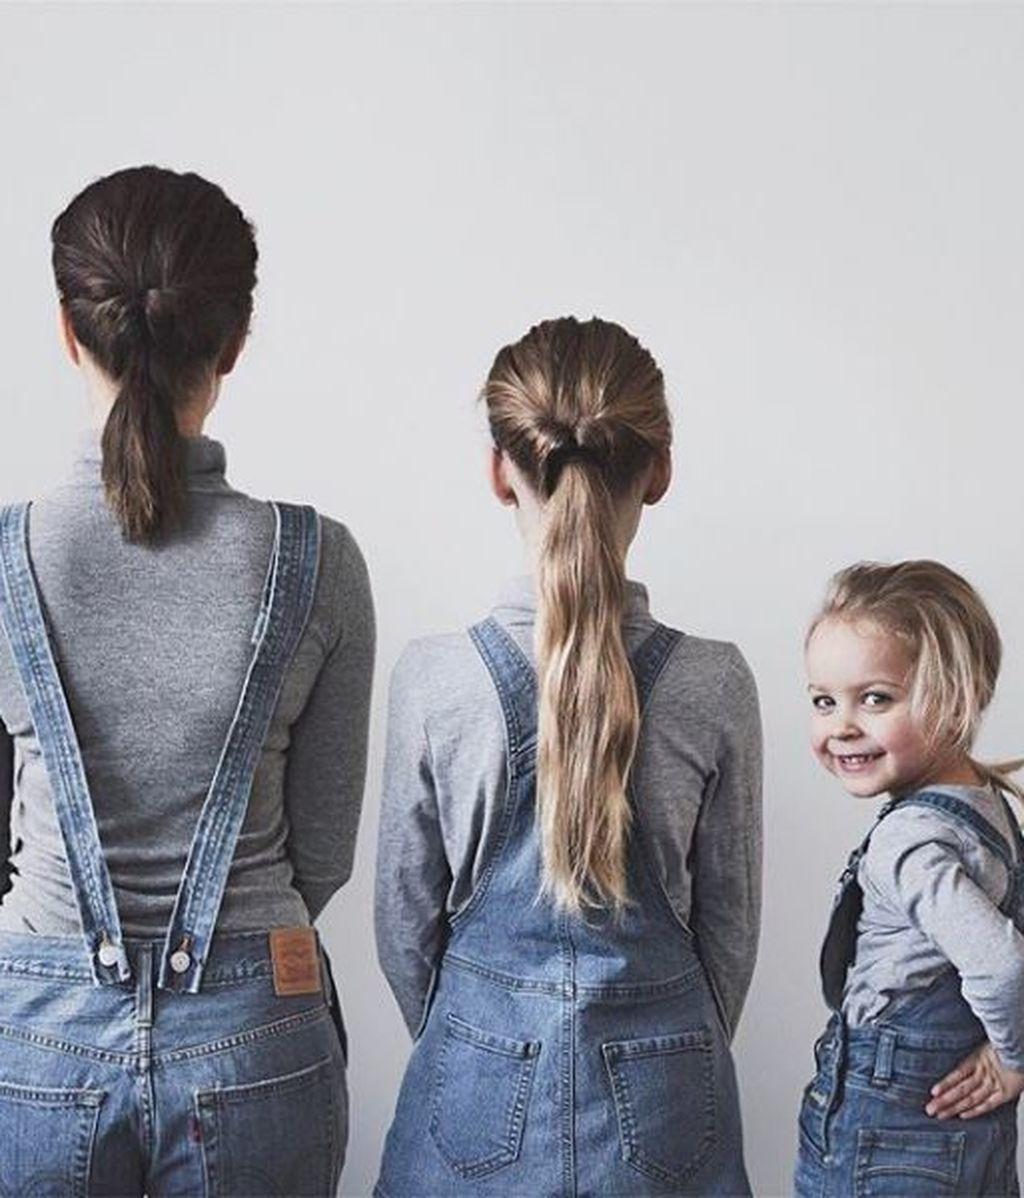 Las adorables fotos de esta madre con sus hijas te van a sacar una sonrisa